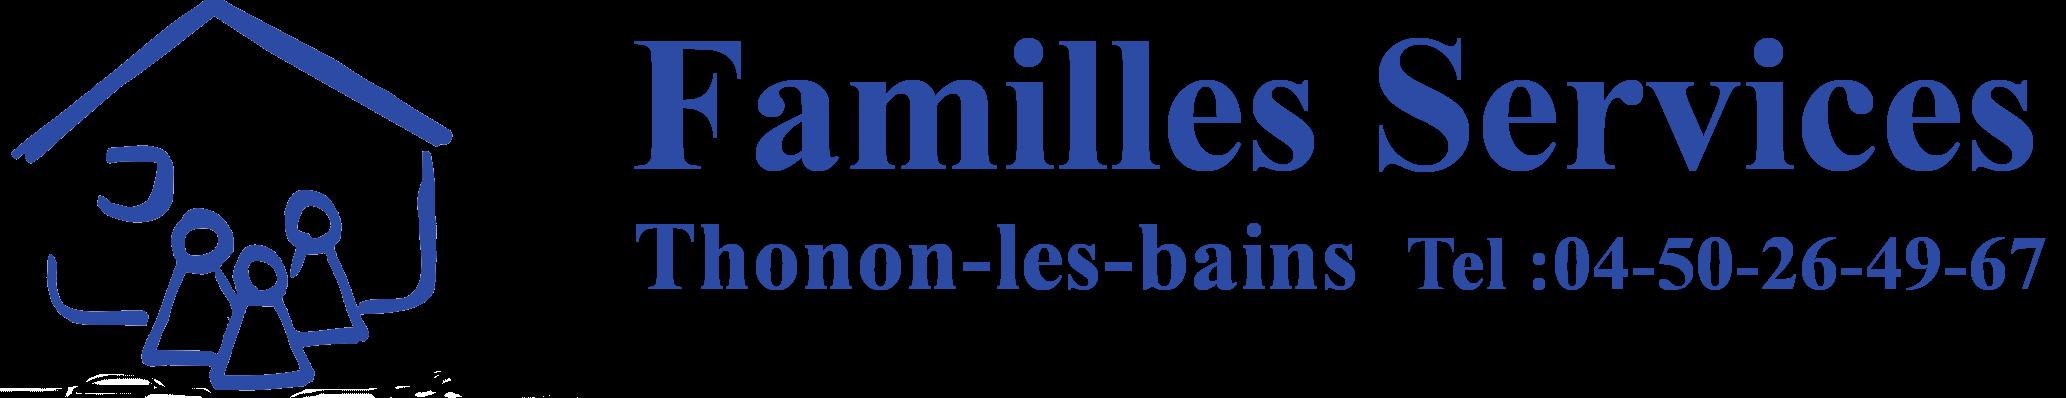 association d'aides à domicile -Familles services Thonon-les-bains